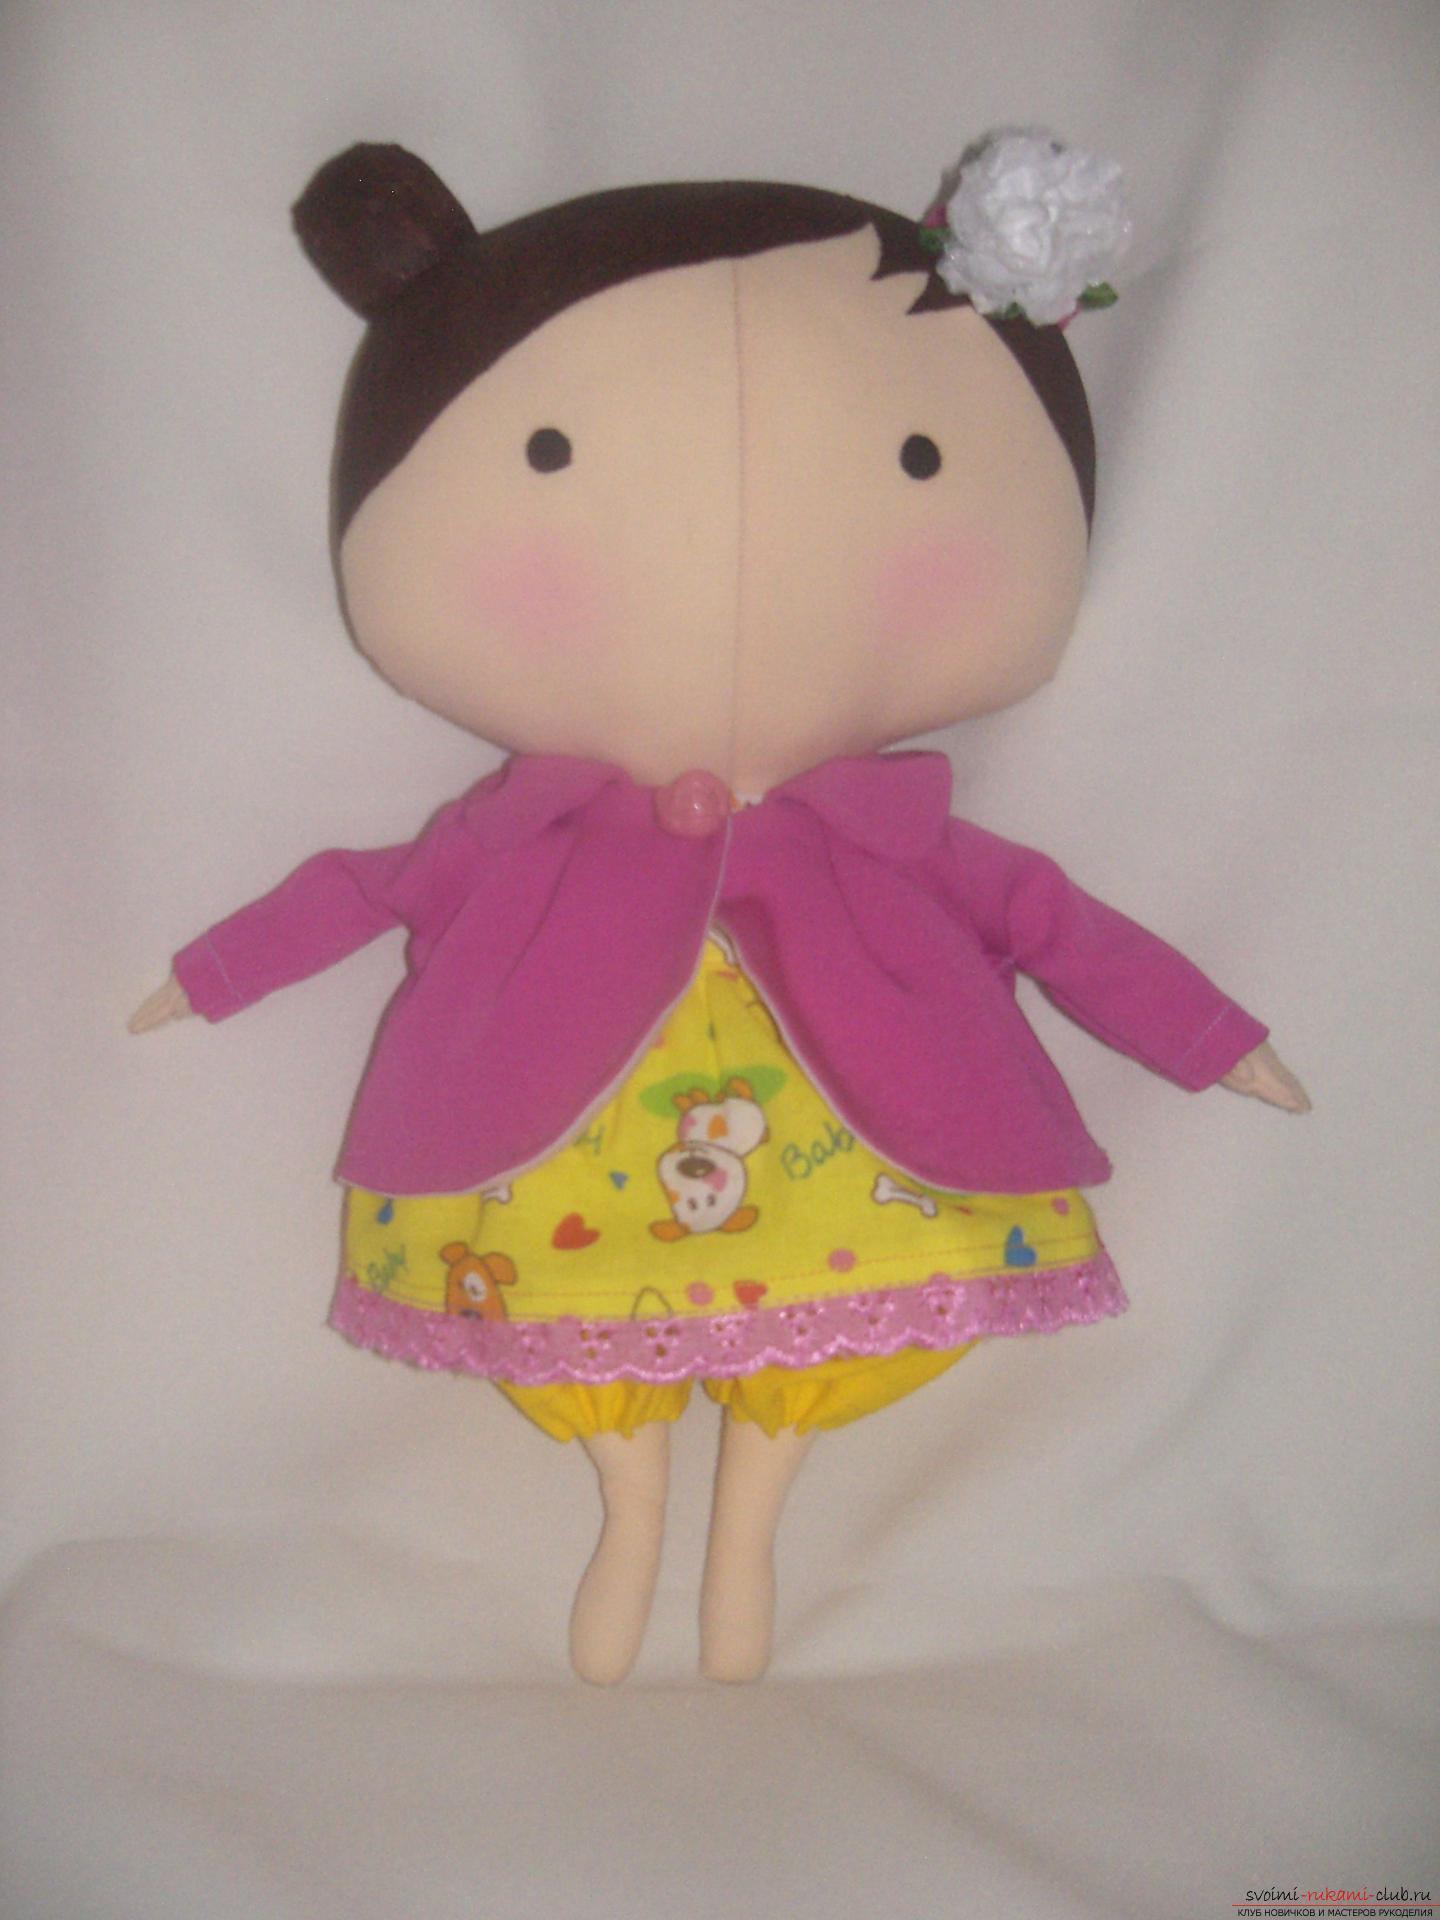 Текстильные куклы: малышка-тильда с костюмчиками, куклы своими руками от мастера tns balakovo